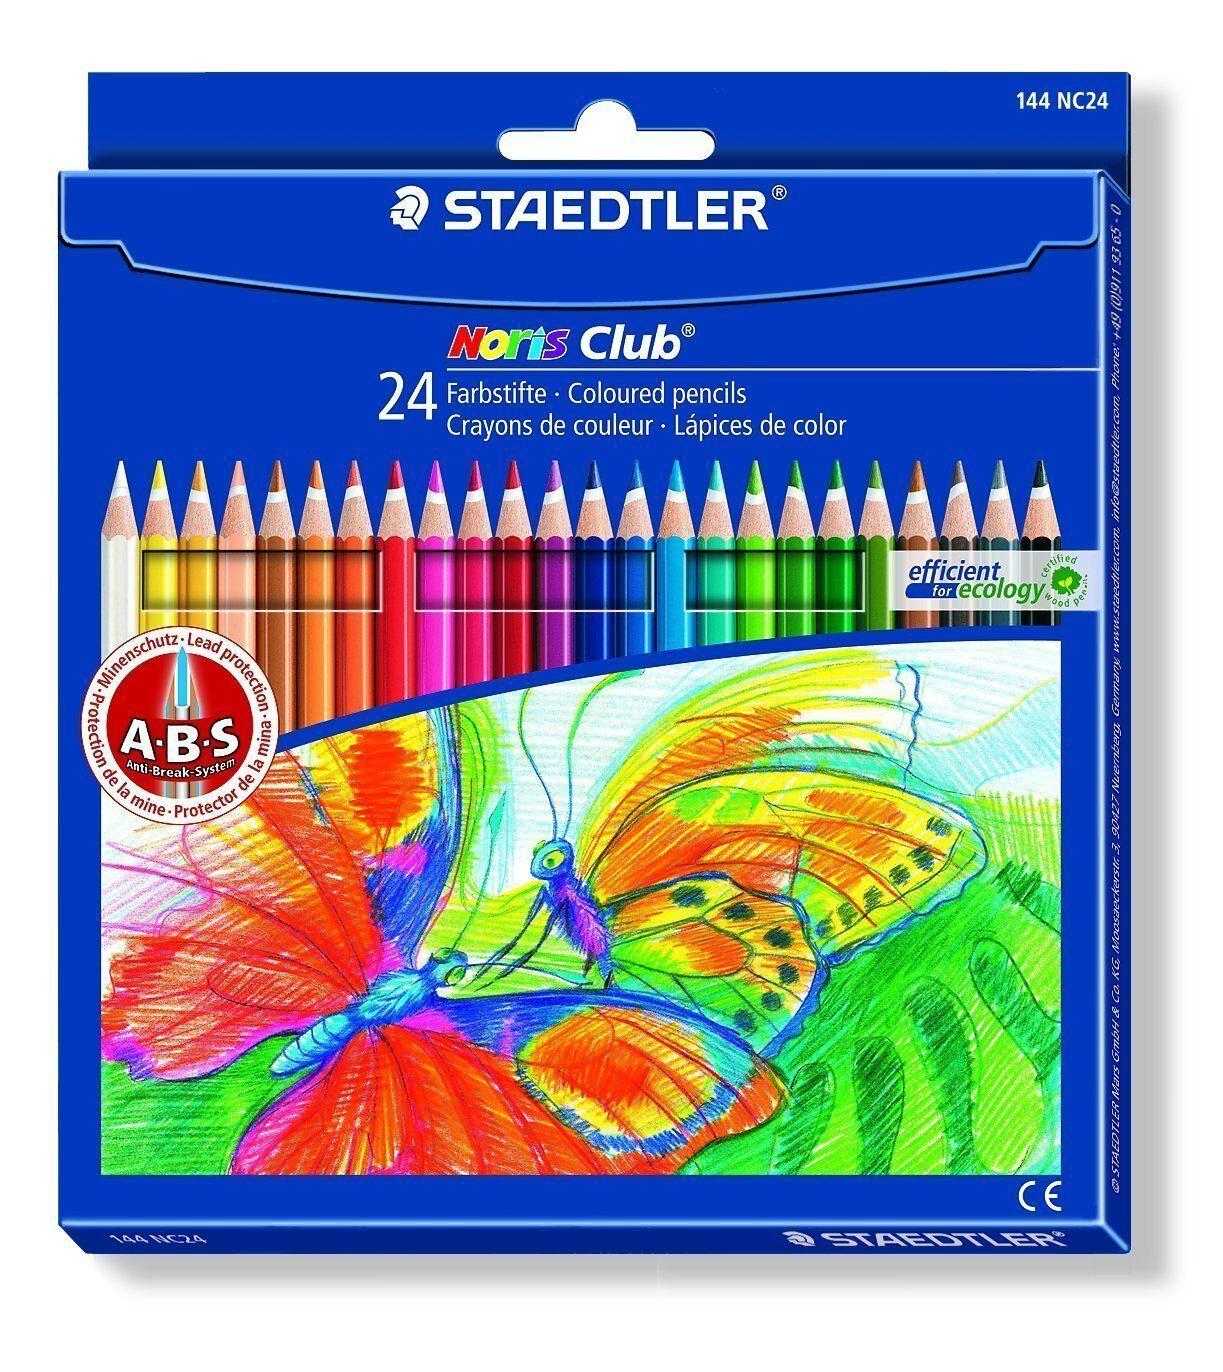 STAEDTLER Buntstift Noris Club  24er Kartonetui sechseckige Buntstifte